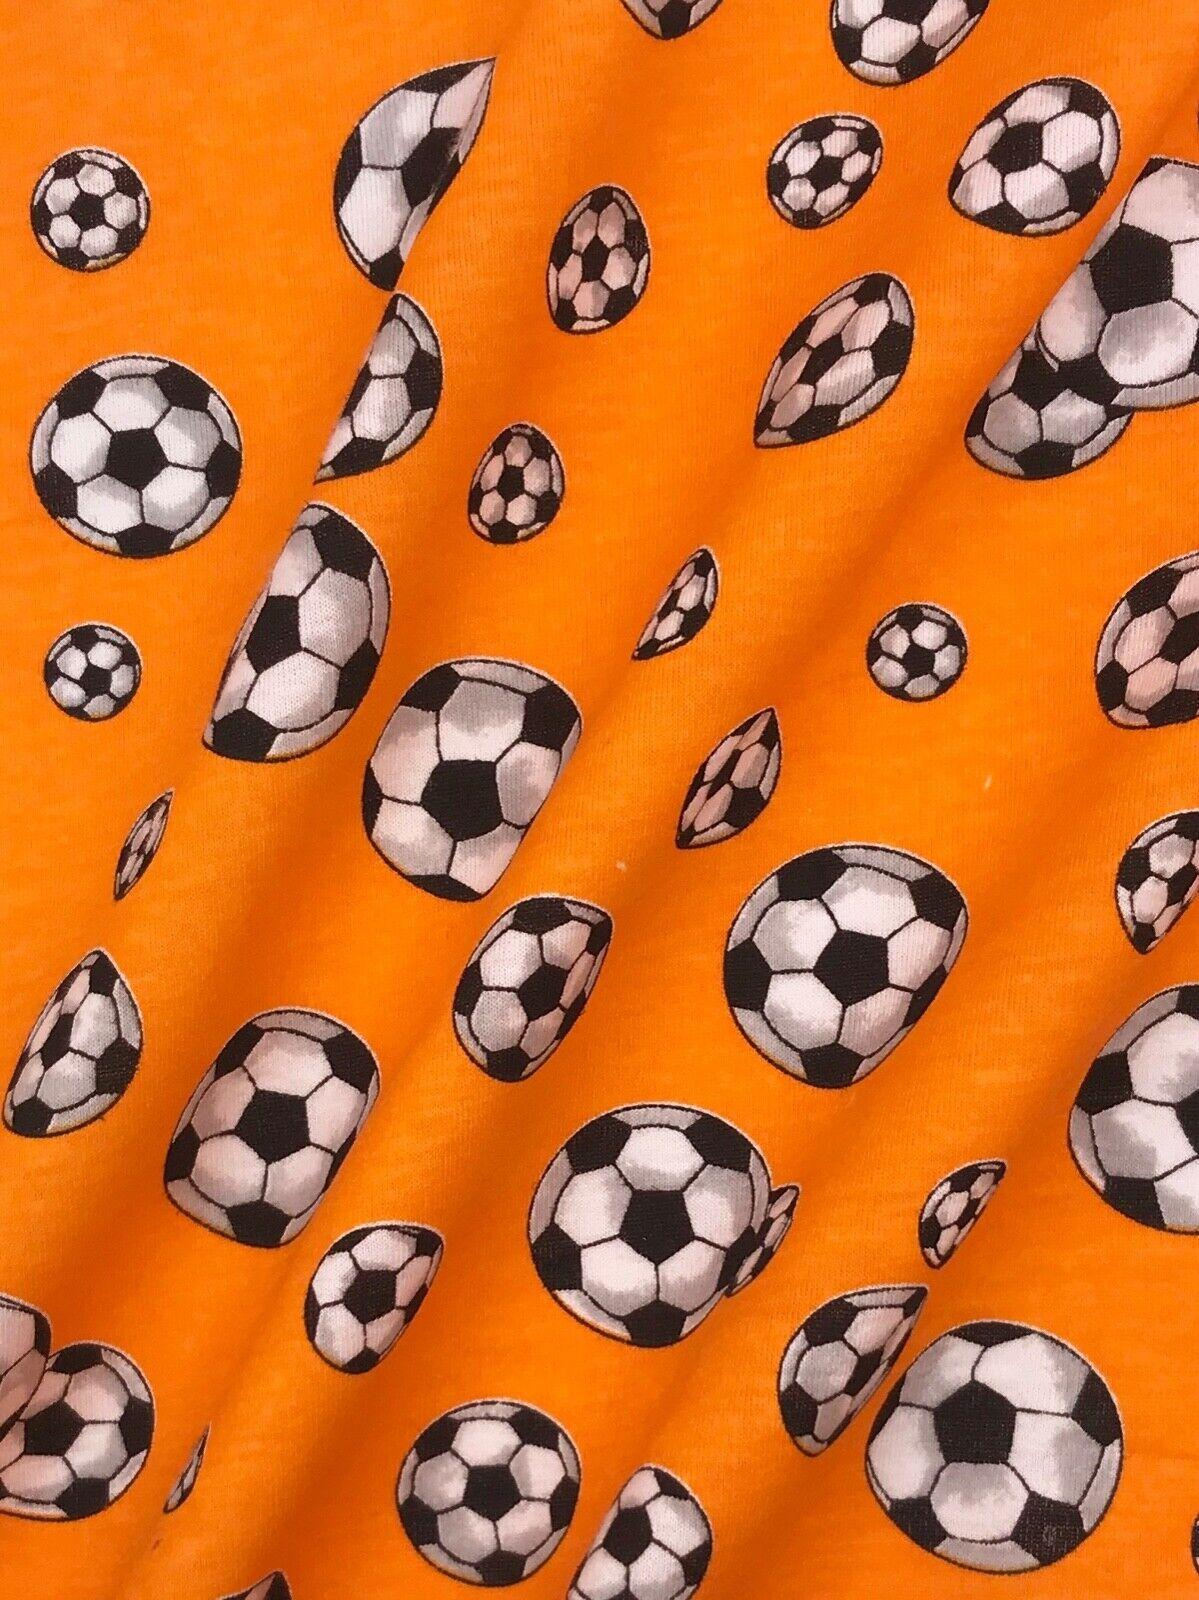 Jersey Interlock Kinderstoff Fußball orange Breite 155 cm ab 50cm